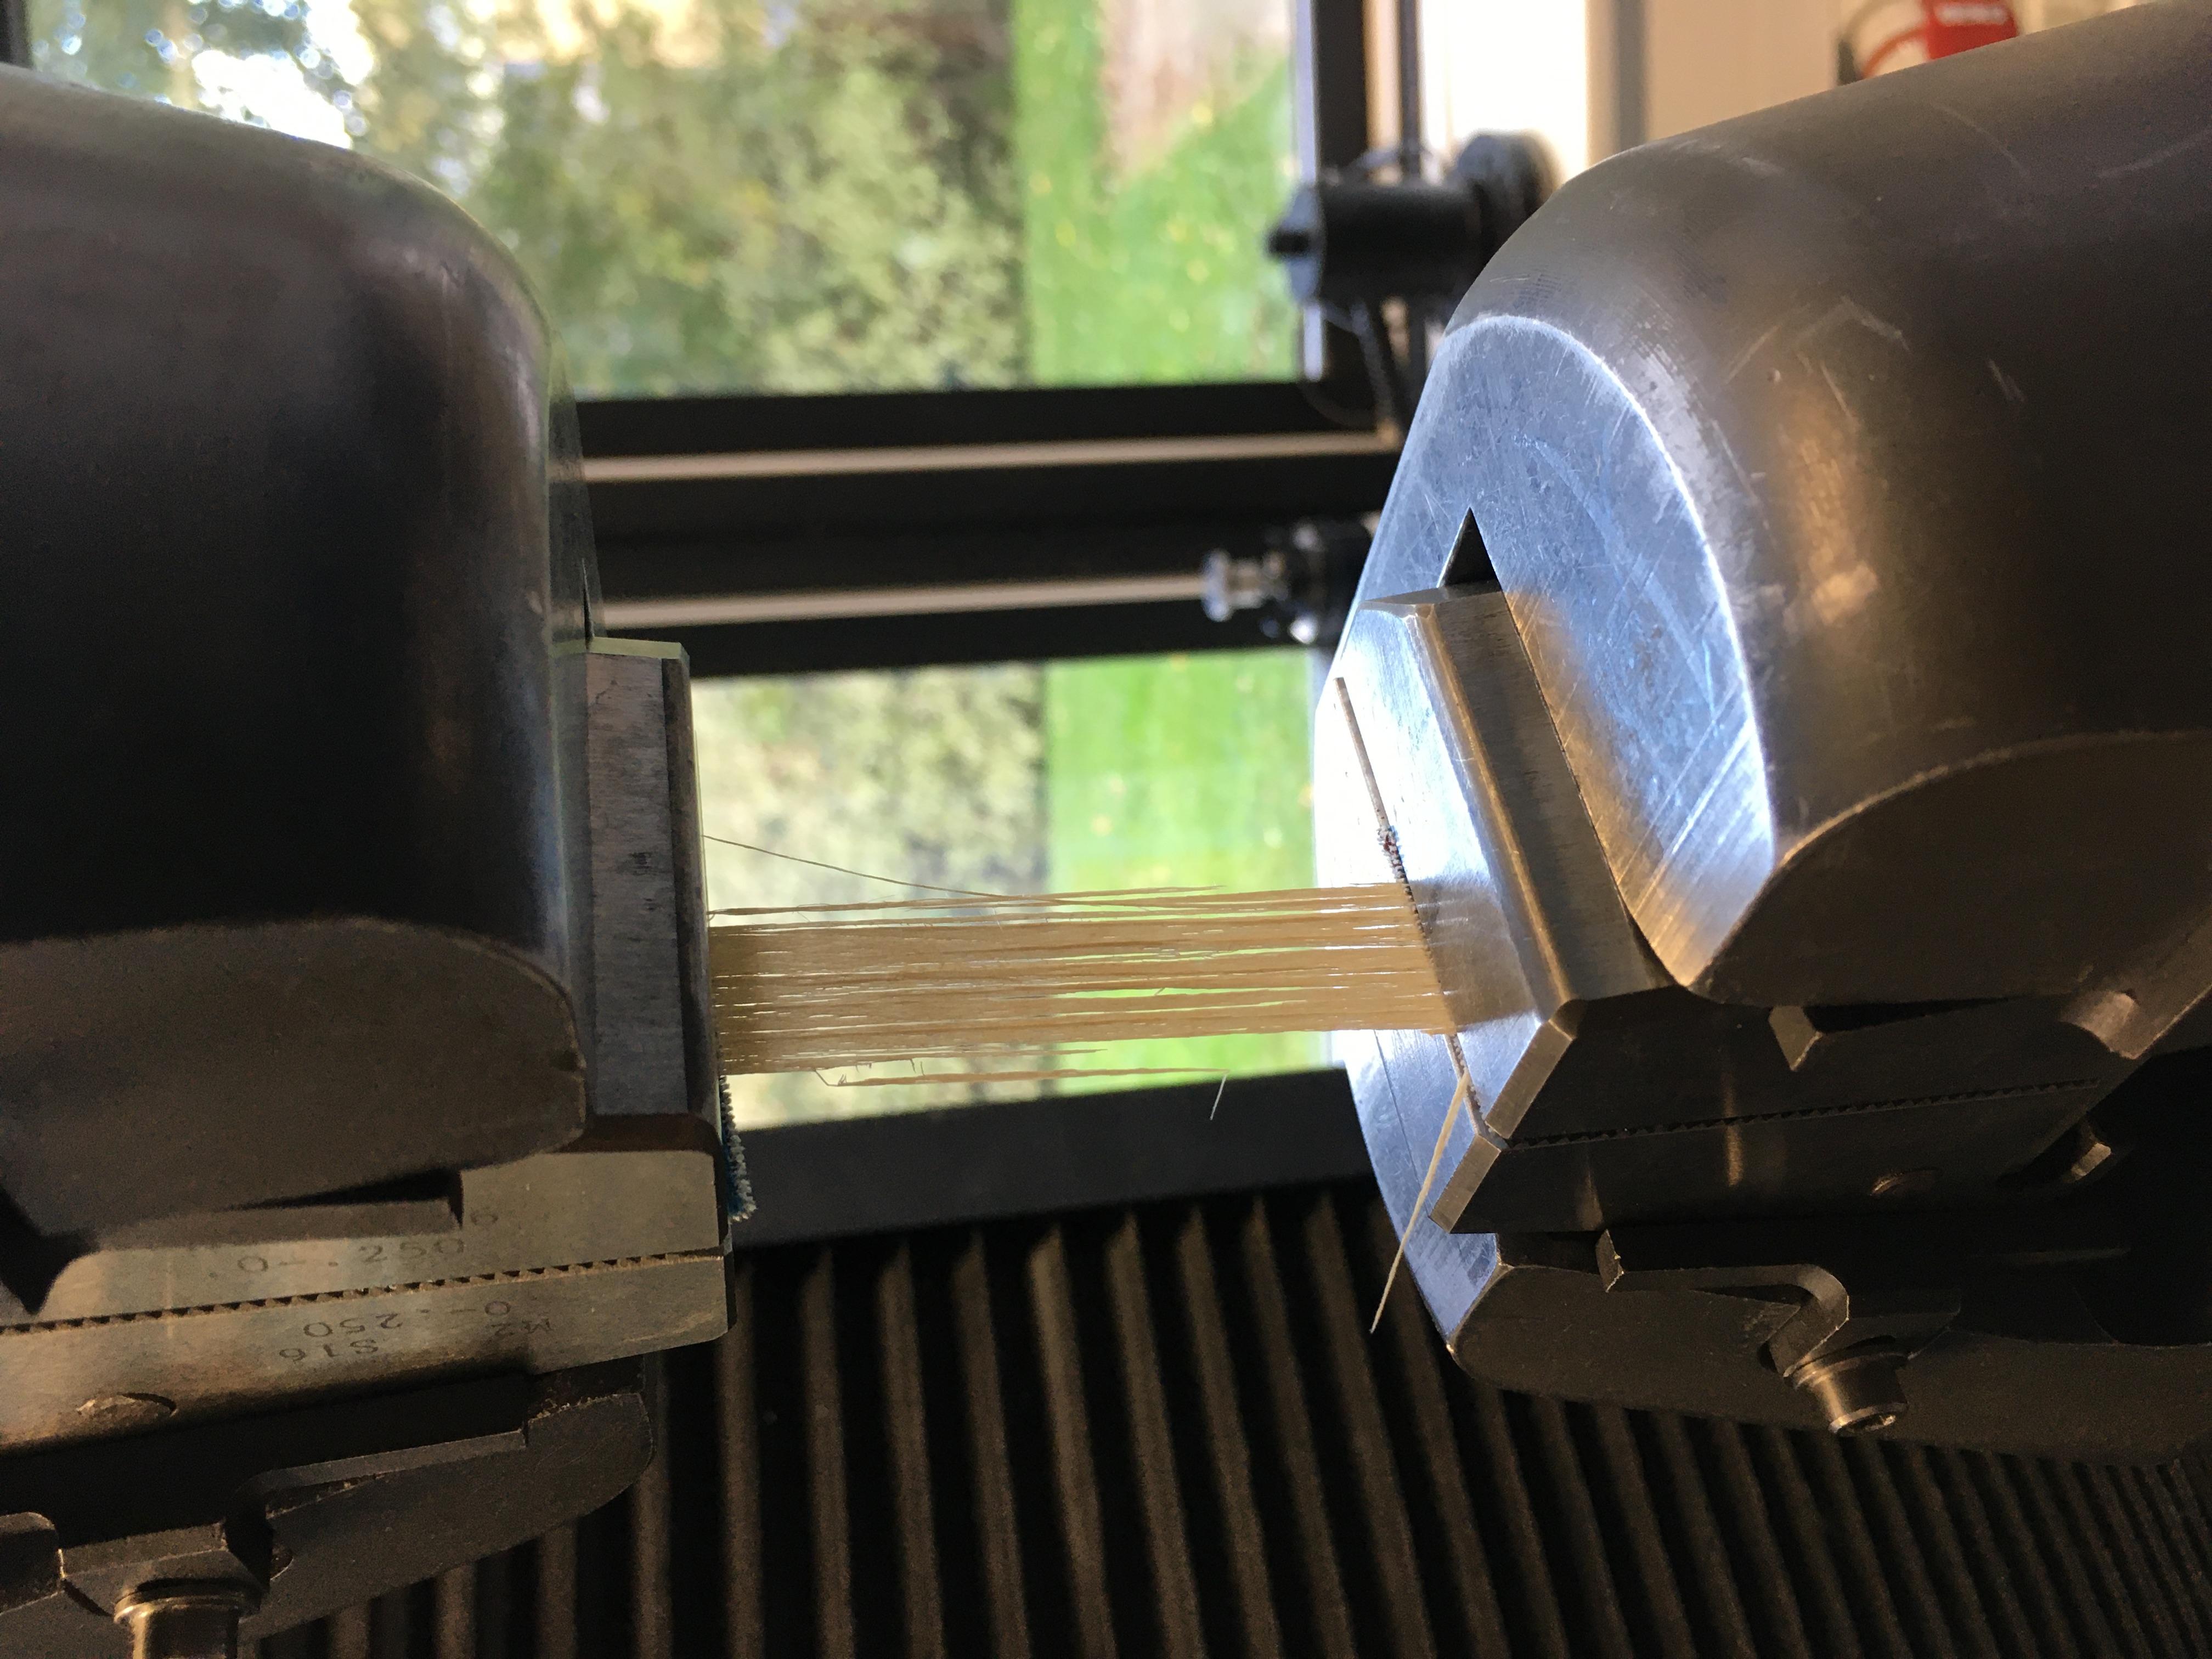 Trækprøvemaskinens kæber (under bristning af baststrimmel)